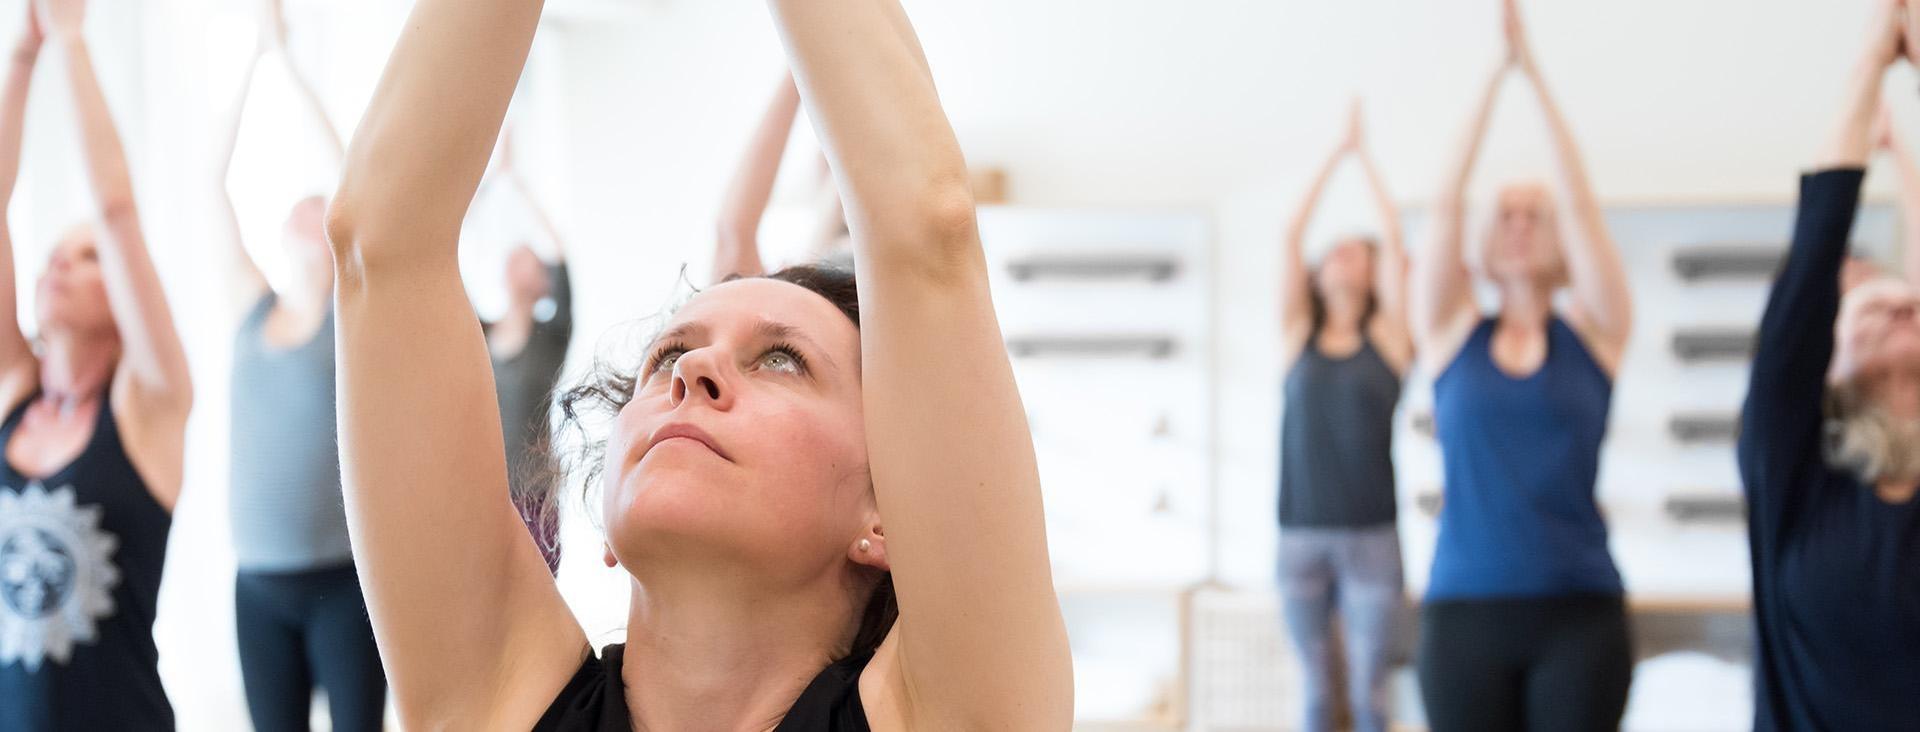 yogannette weiterbildung header